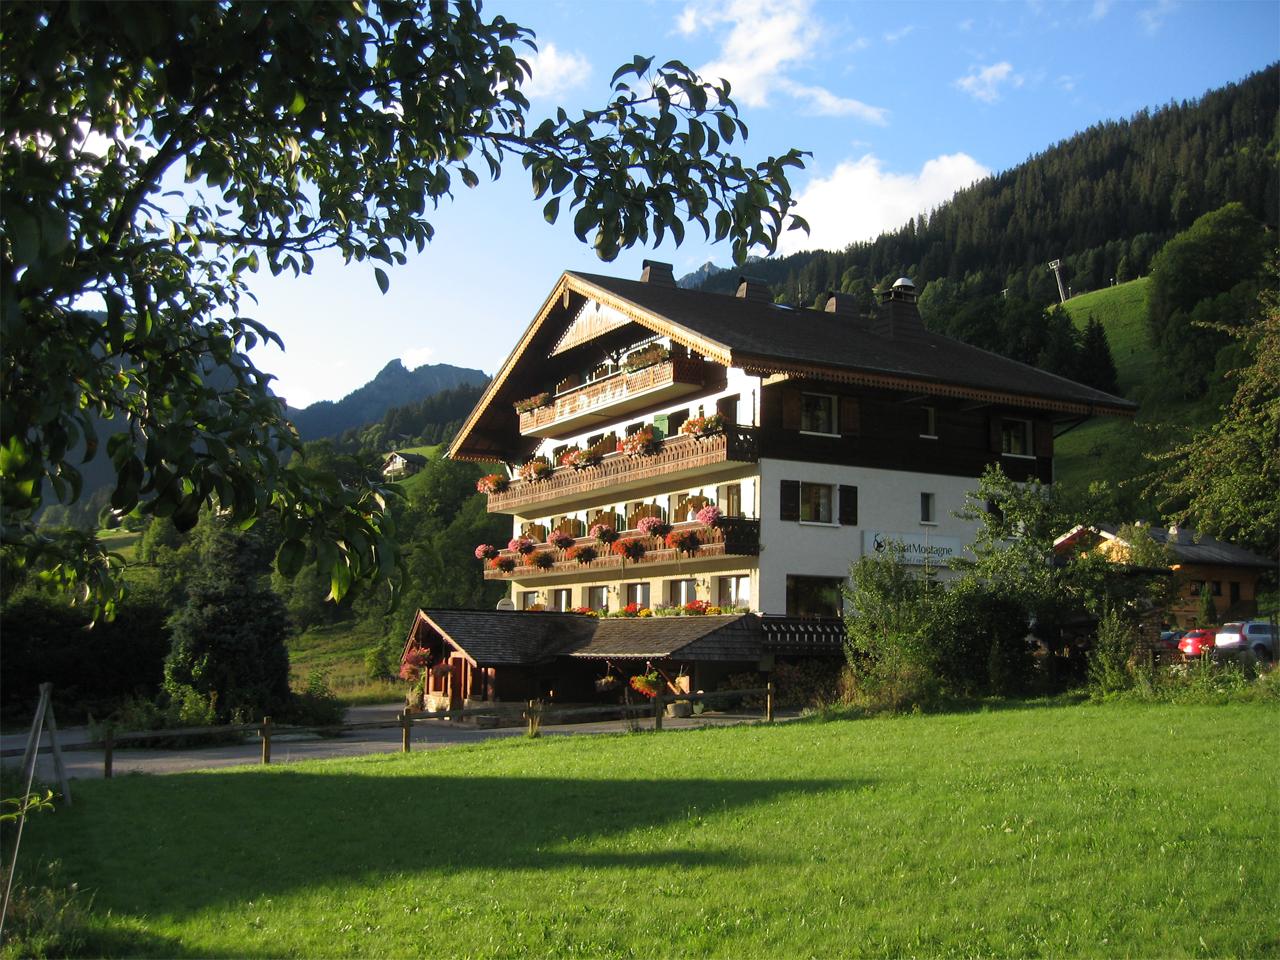 Hotel - Hotel gezien vanuit de tuin